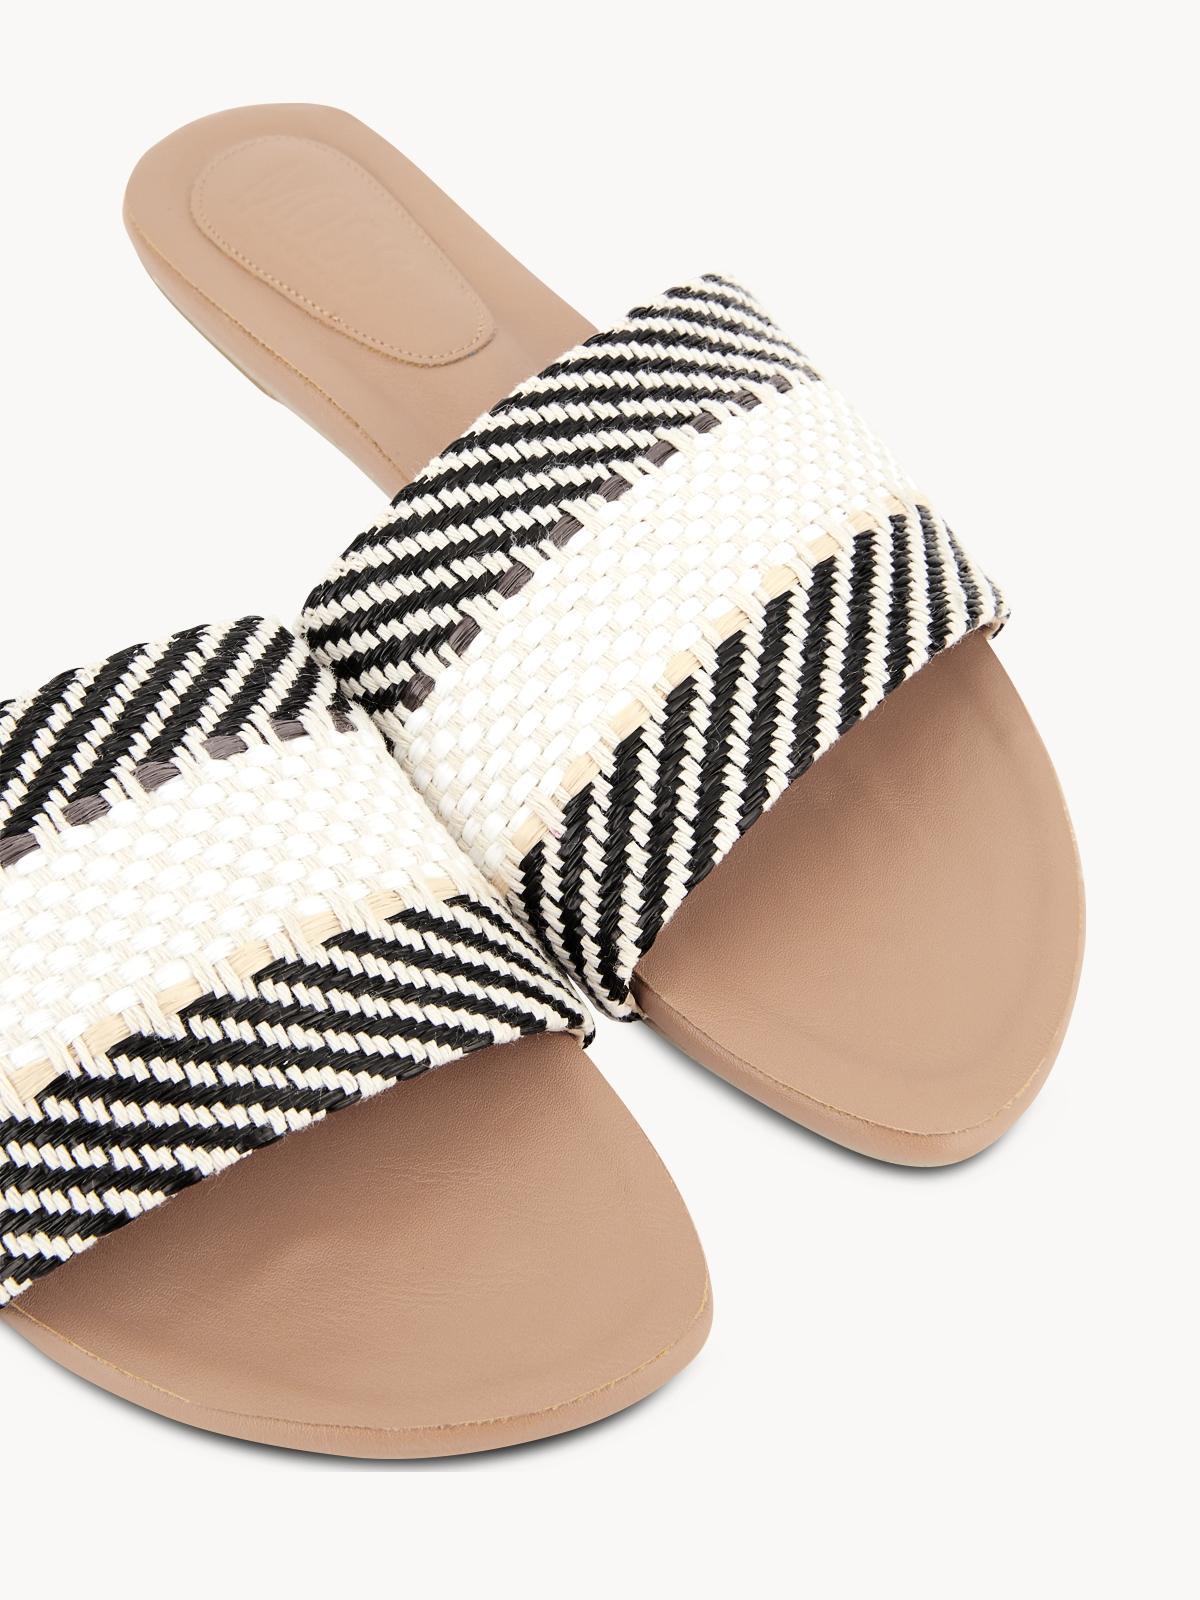 Mosstories Weave Sandals Beige